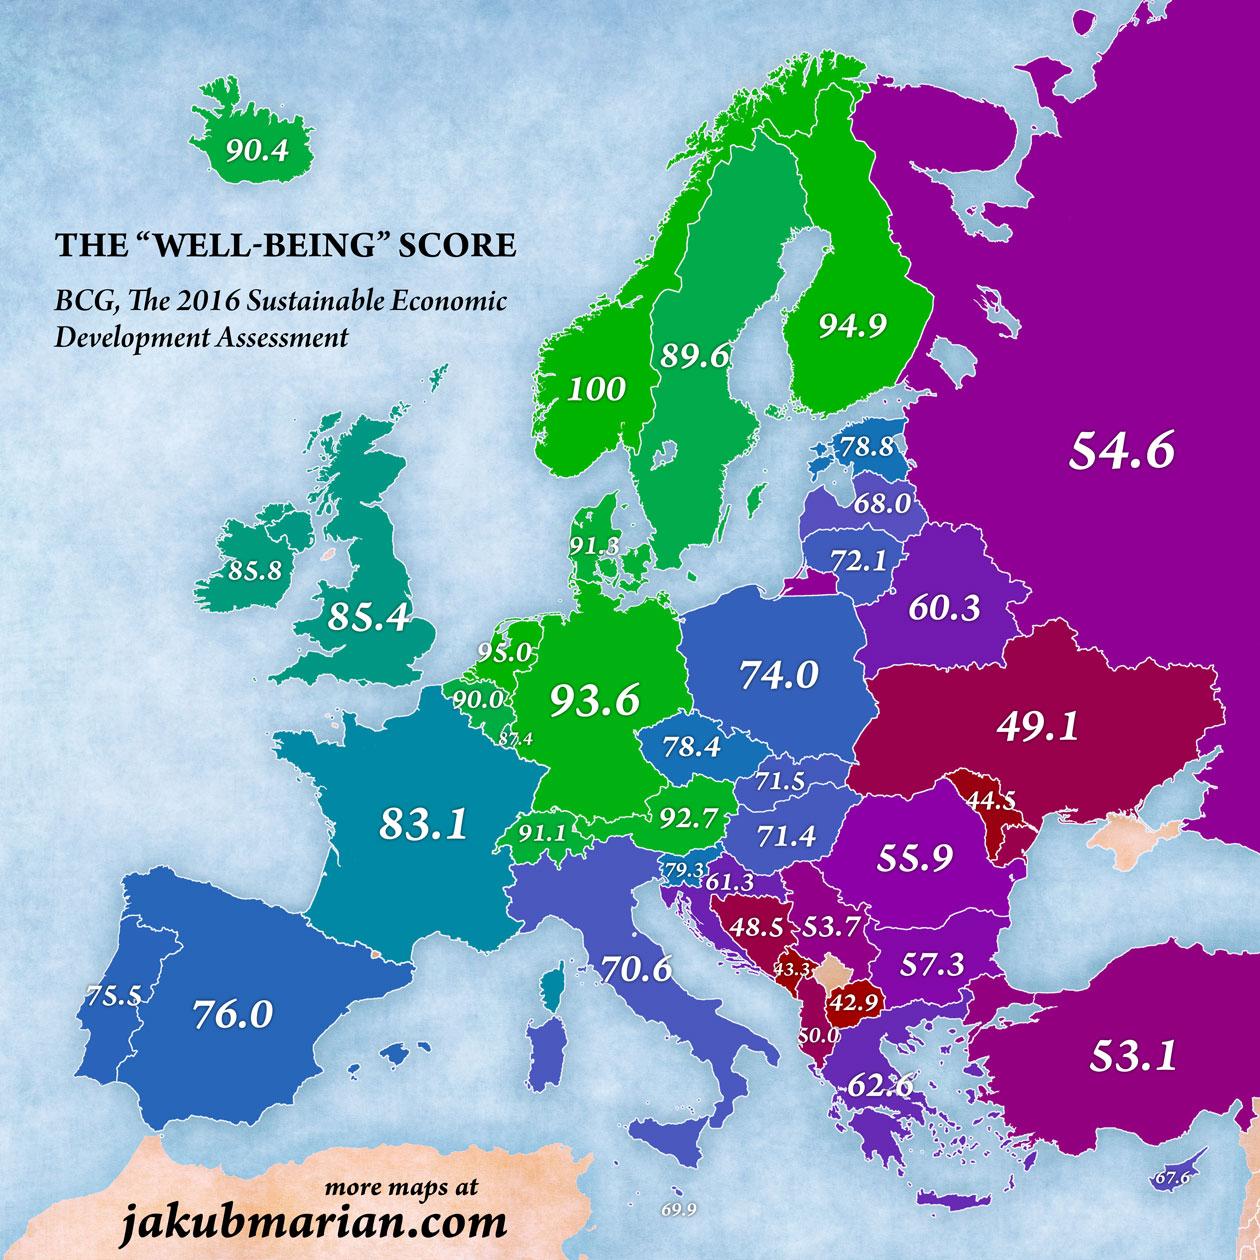 Europa La Mappa Dei Paesi In Cui Si Vive Meglio